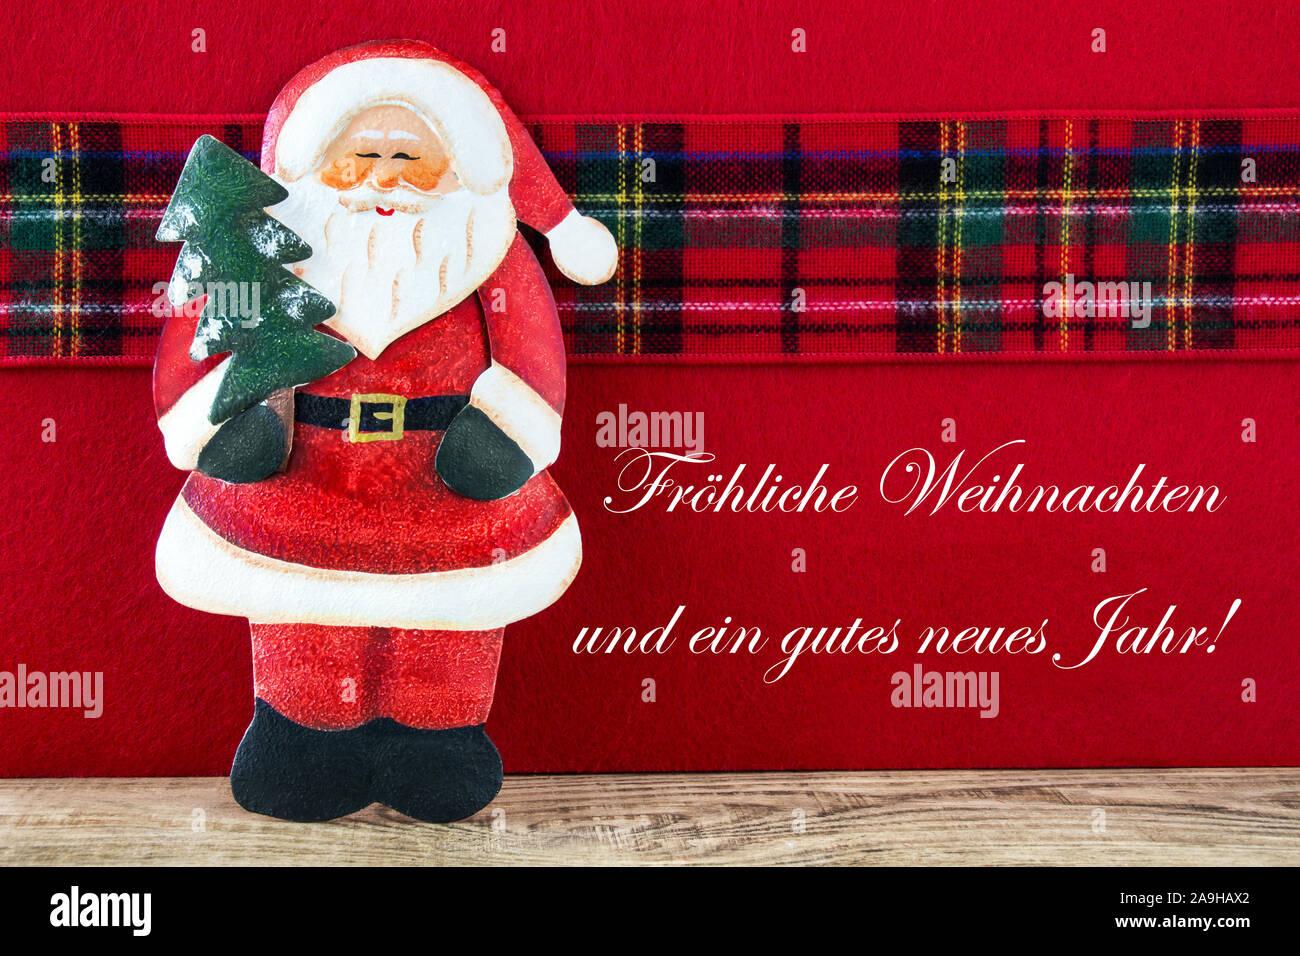 Weihnachten - Dekoration Stock Photo